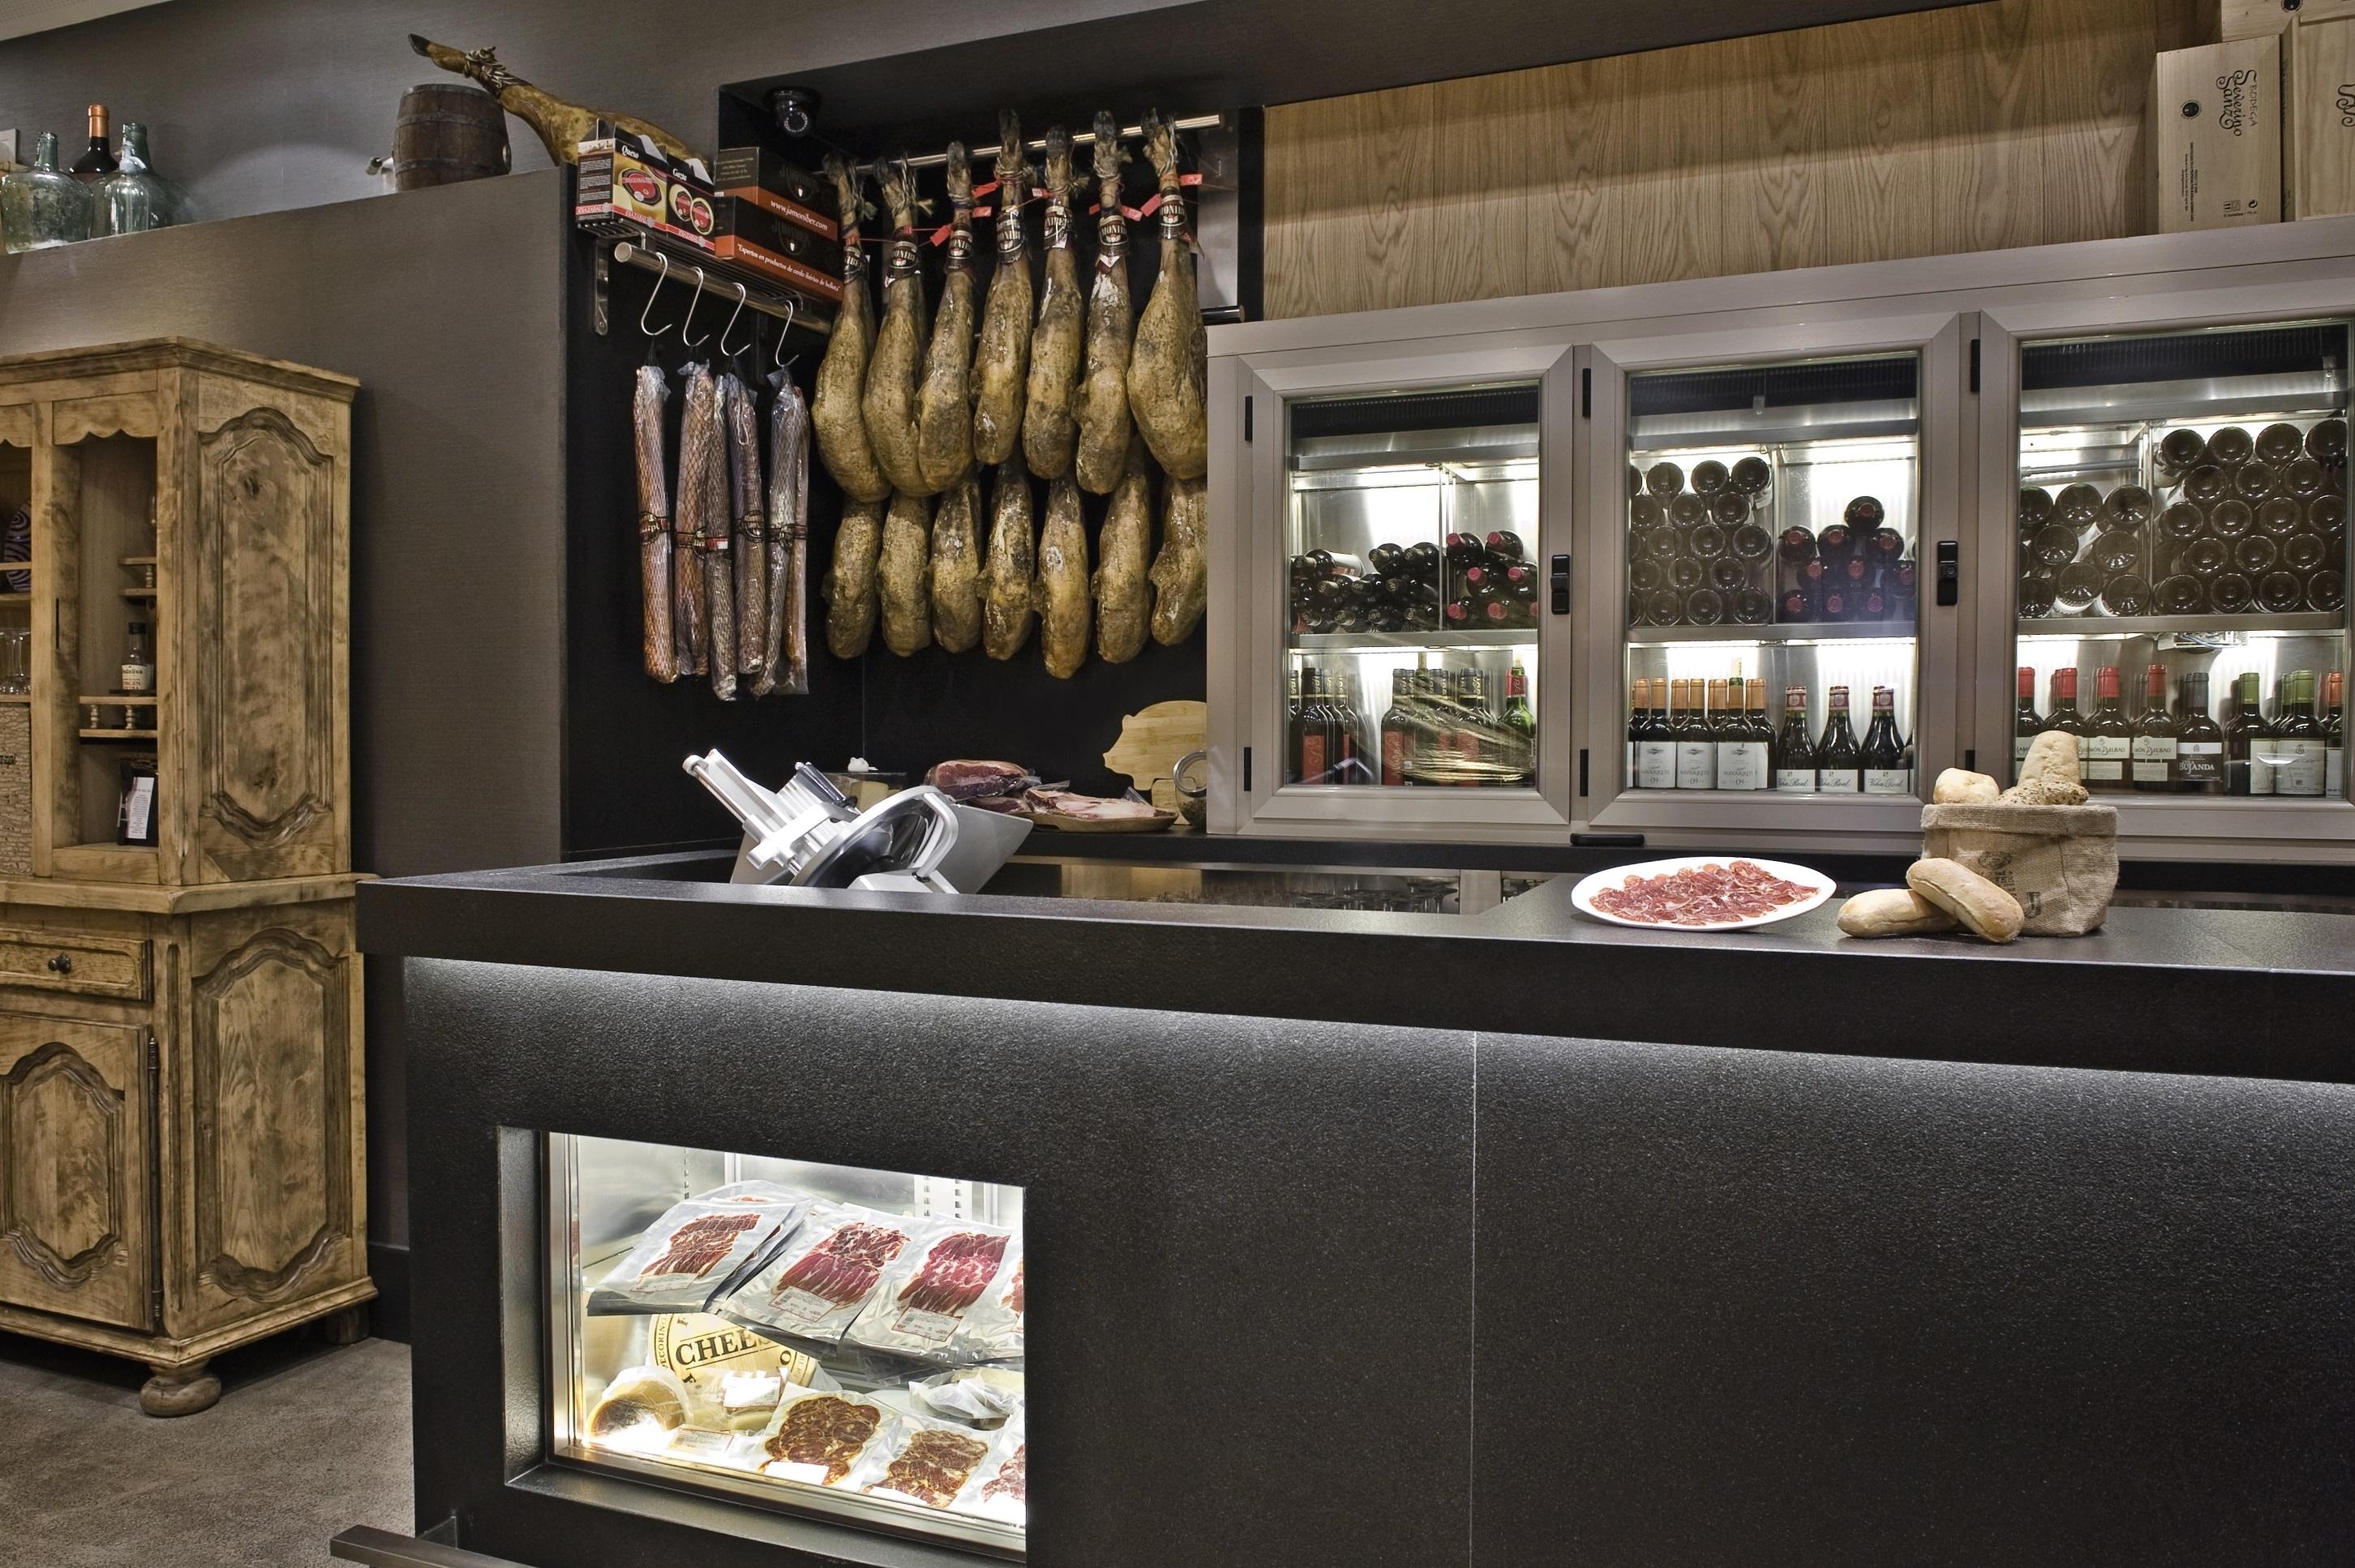 Urdazpi restaurante en bilbao especializado en gastronom a - Vinotecas en bilbao ...